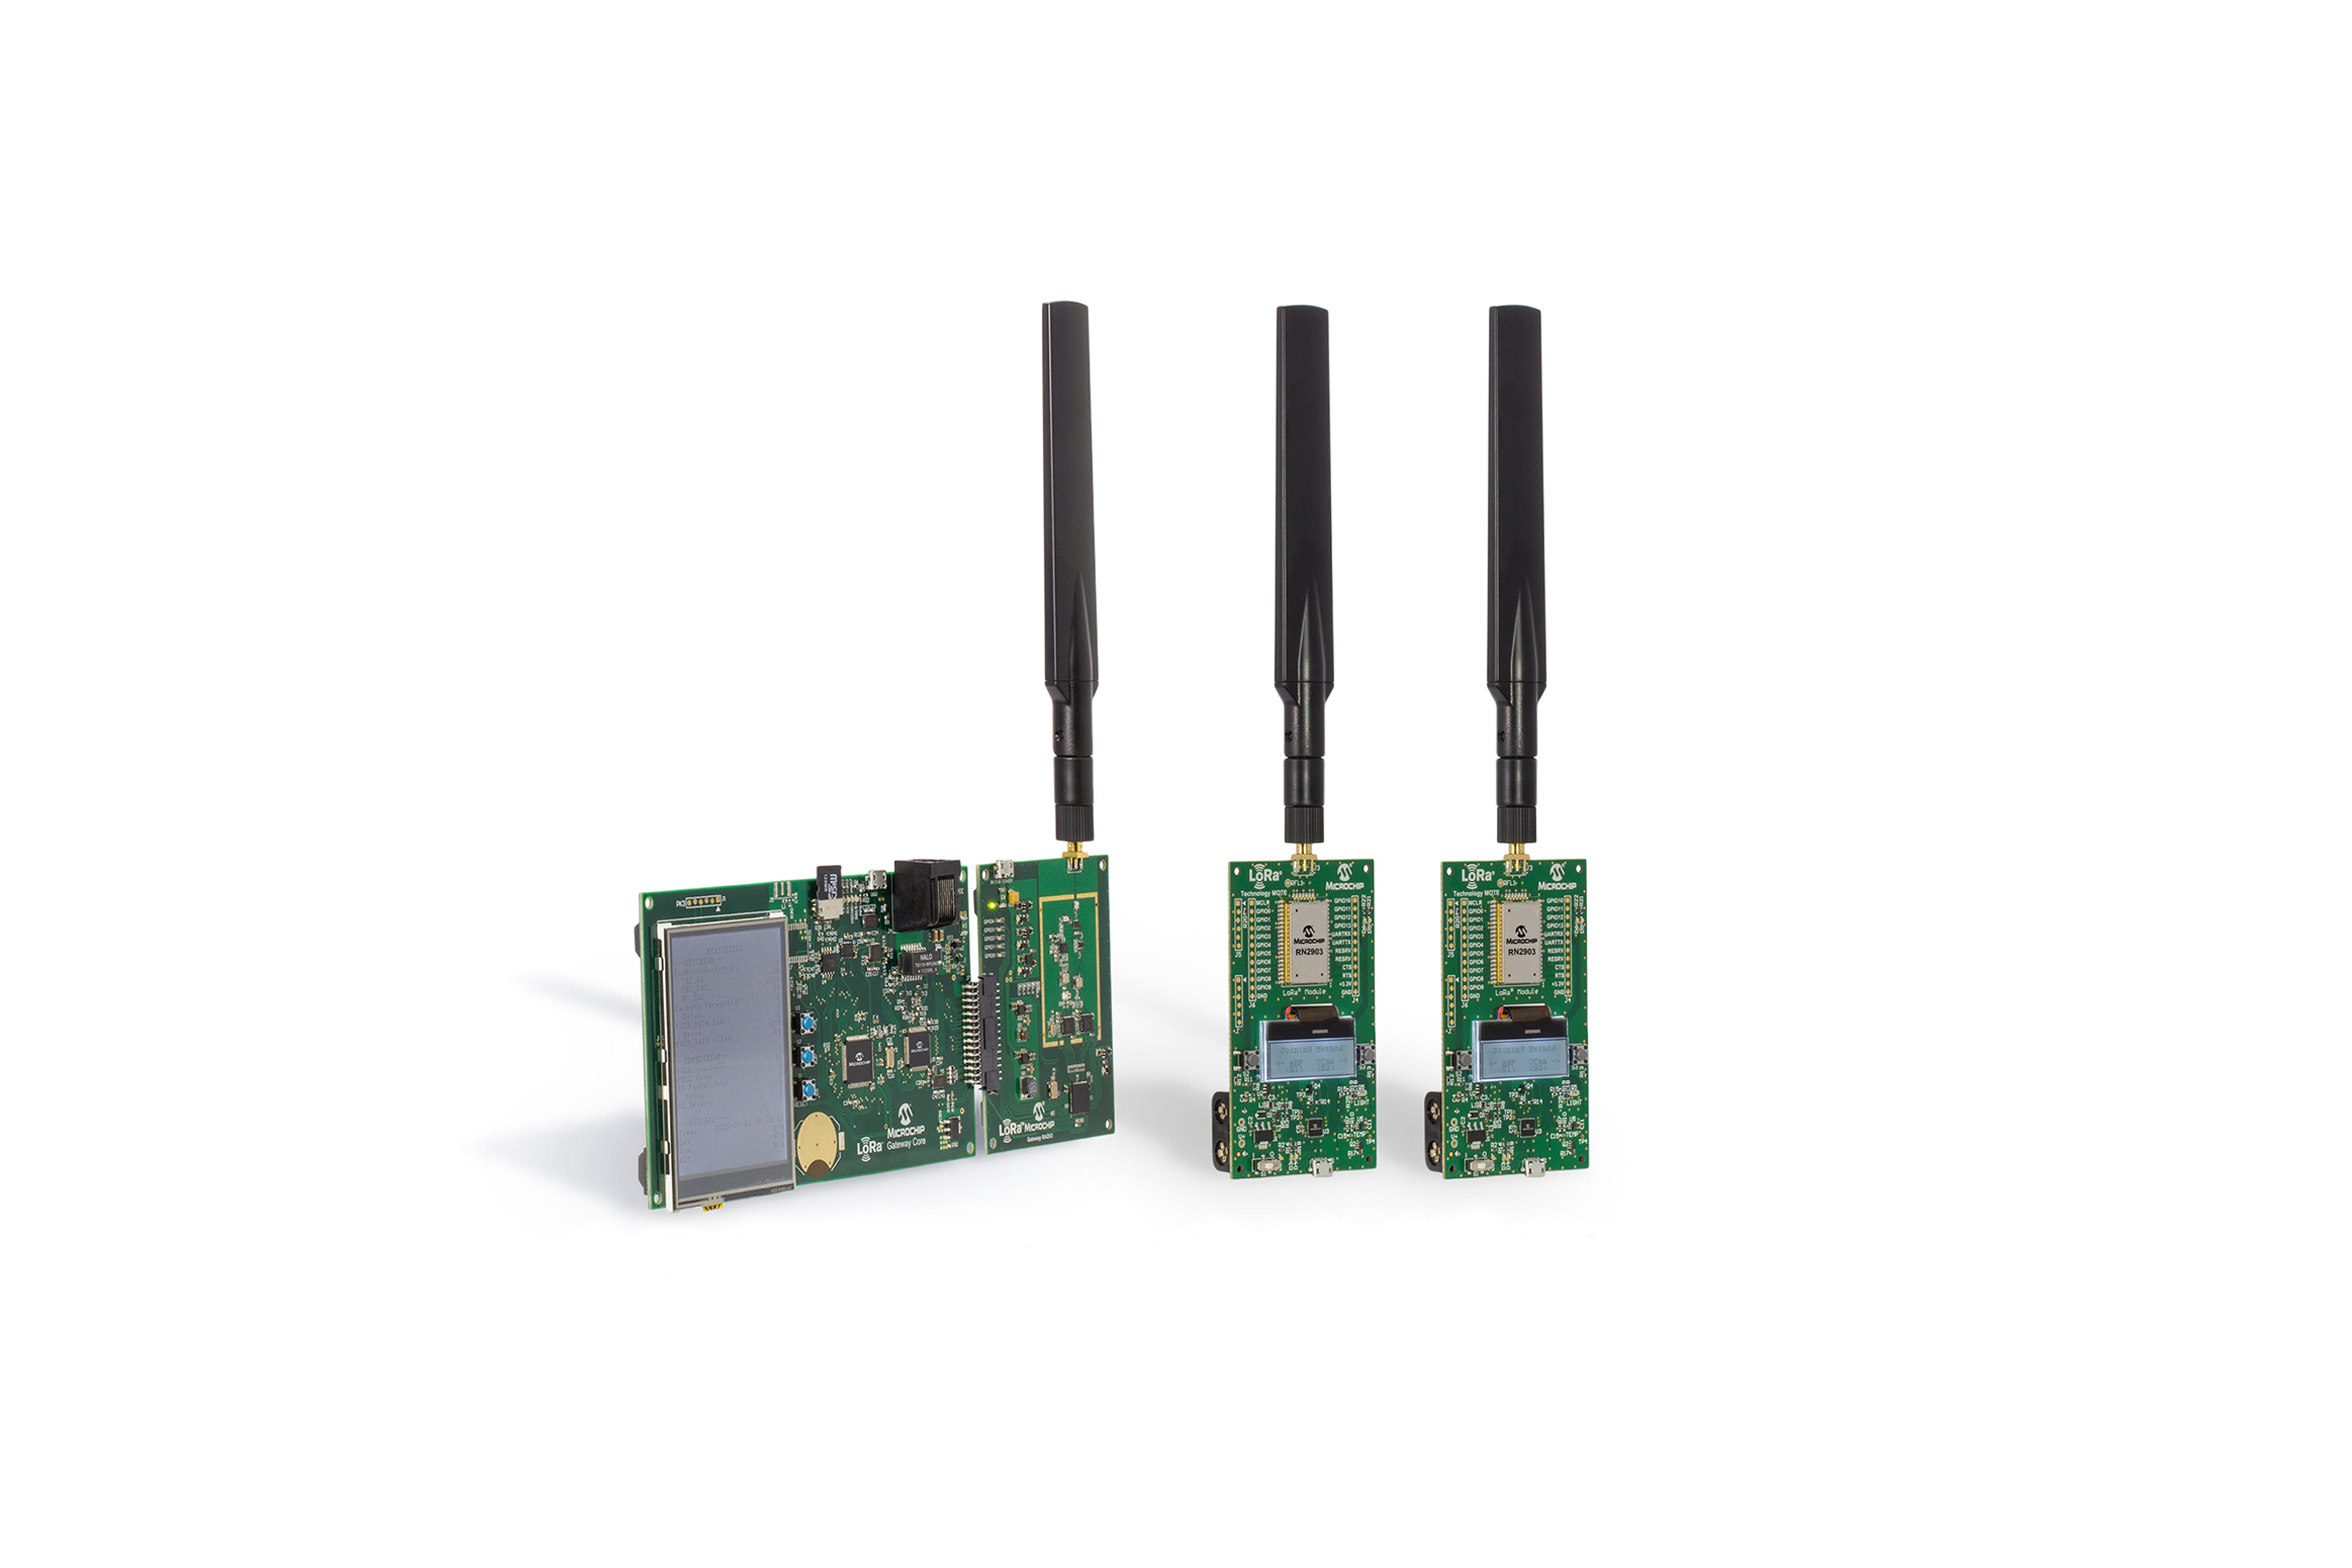 Kit de développement RN2483 LoRa 868 MHz